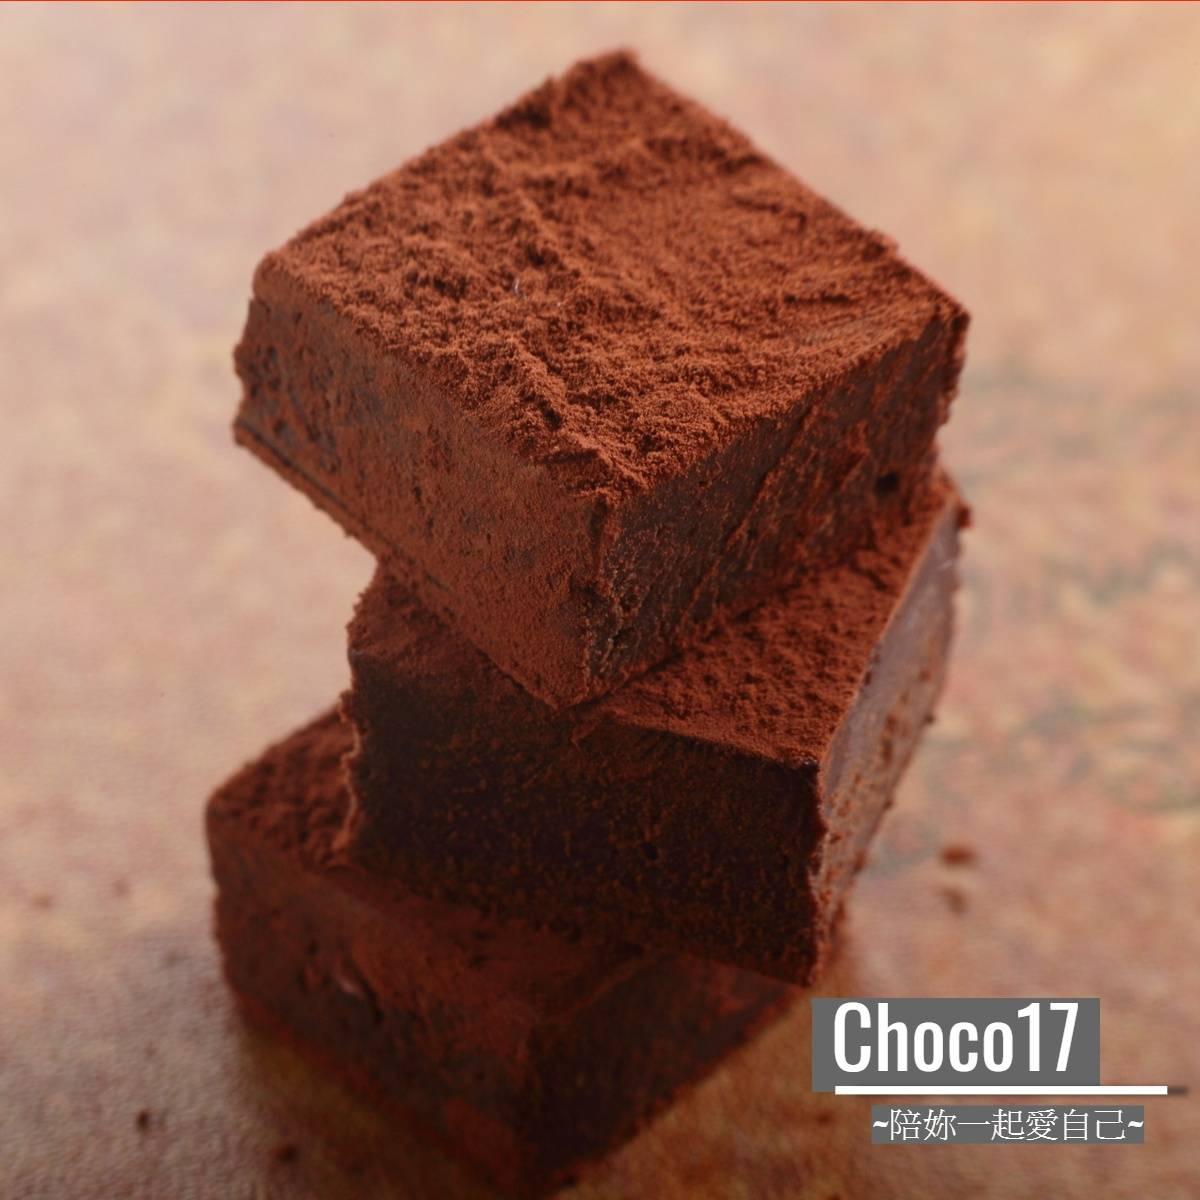 85%皇家經典生巧克力❤1分鐘狂賣4盒❤【Choco17 香謝17巧克力】巧克力專賣  | APP下單滿$888現折$111 1